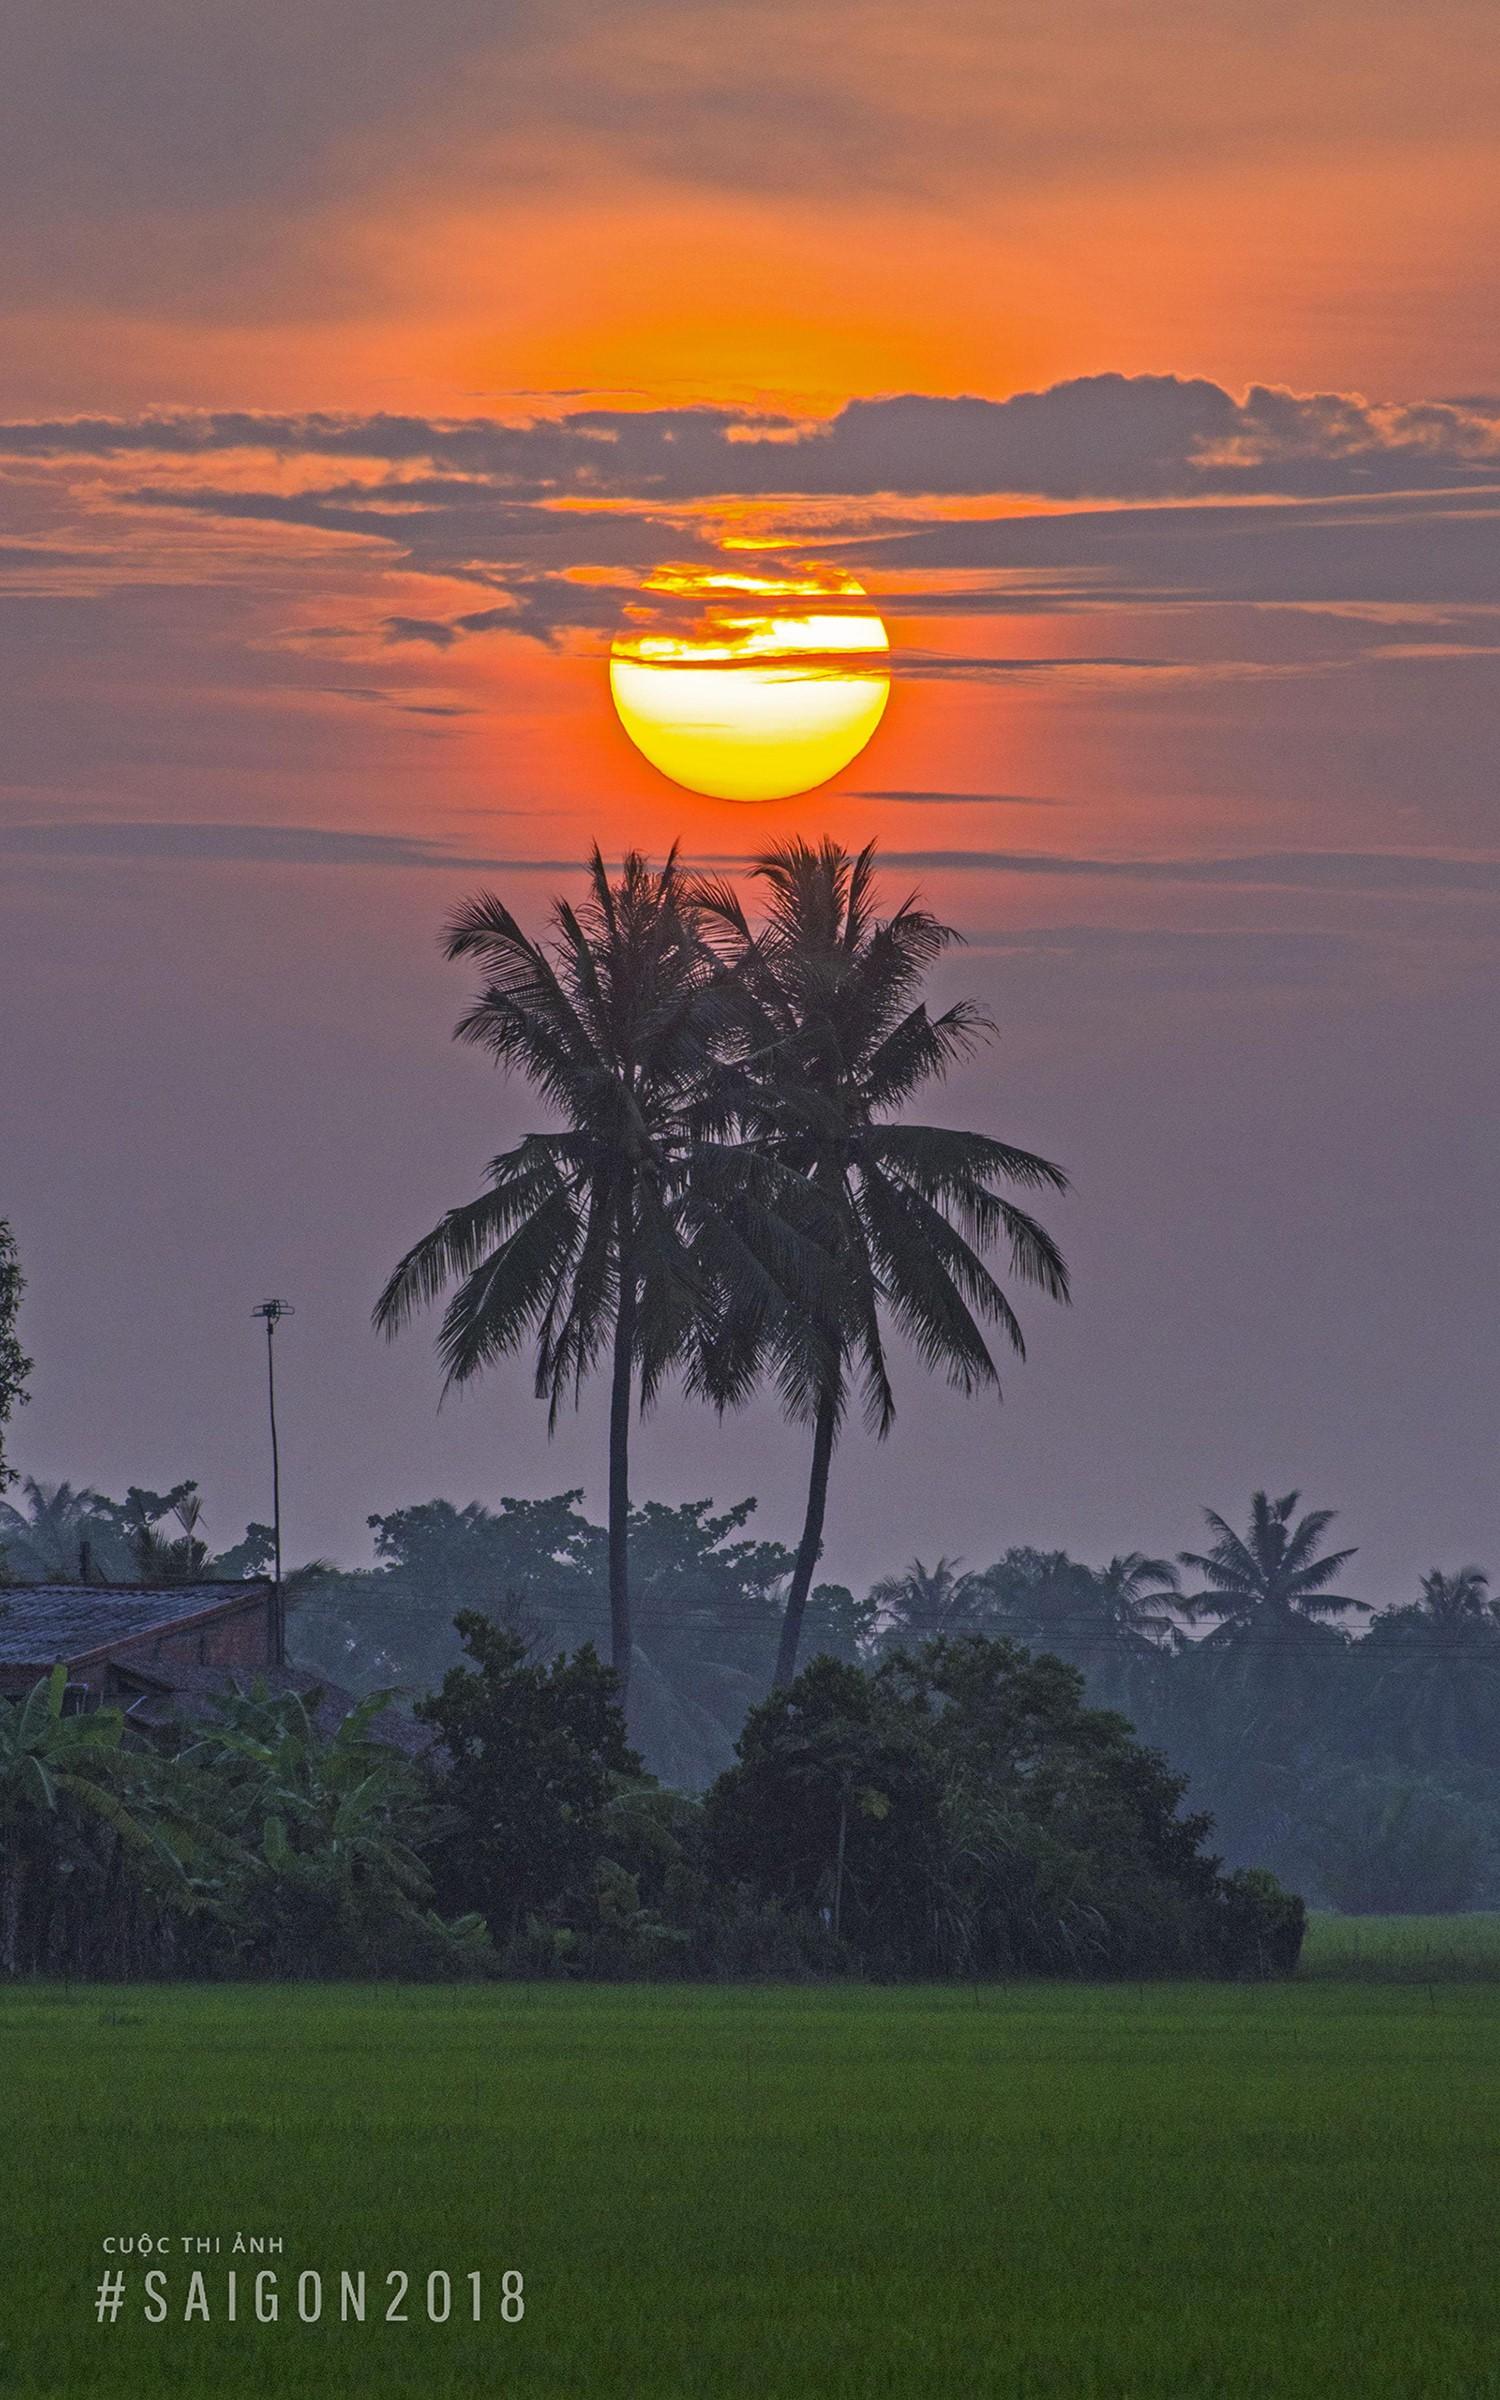 Ảnh bình minh ở quê hương Sài Gòn cây dừa cực đẹp